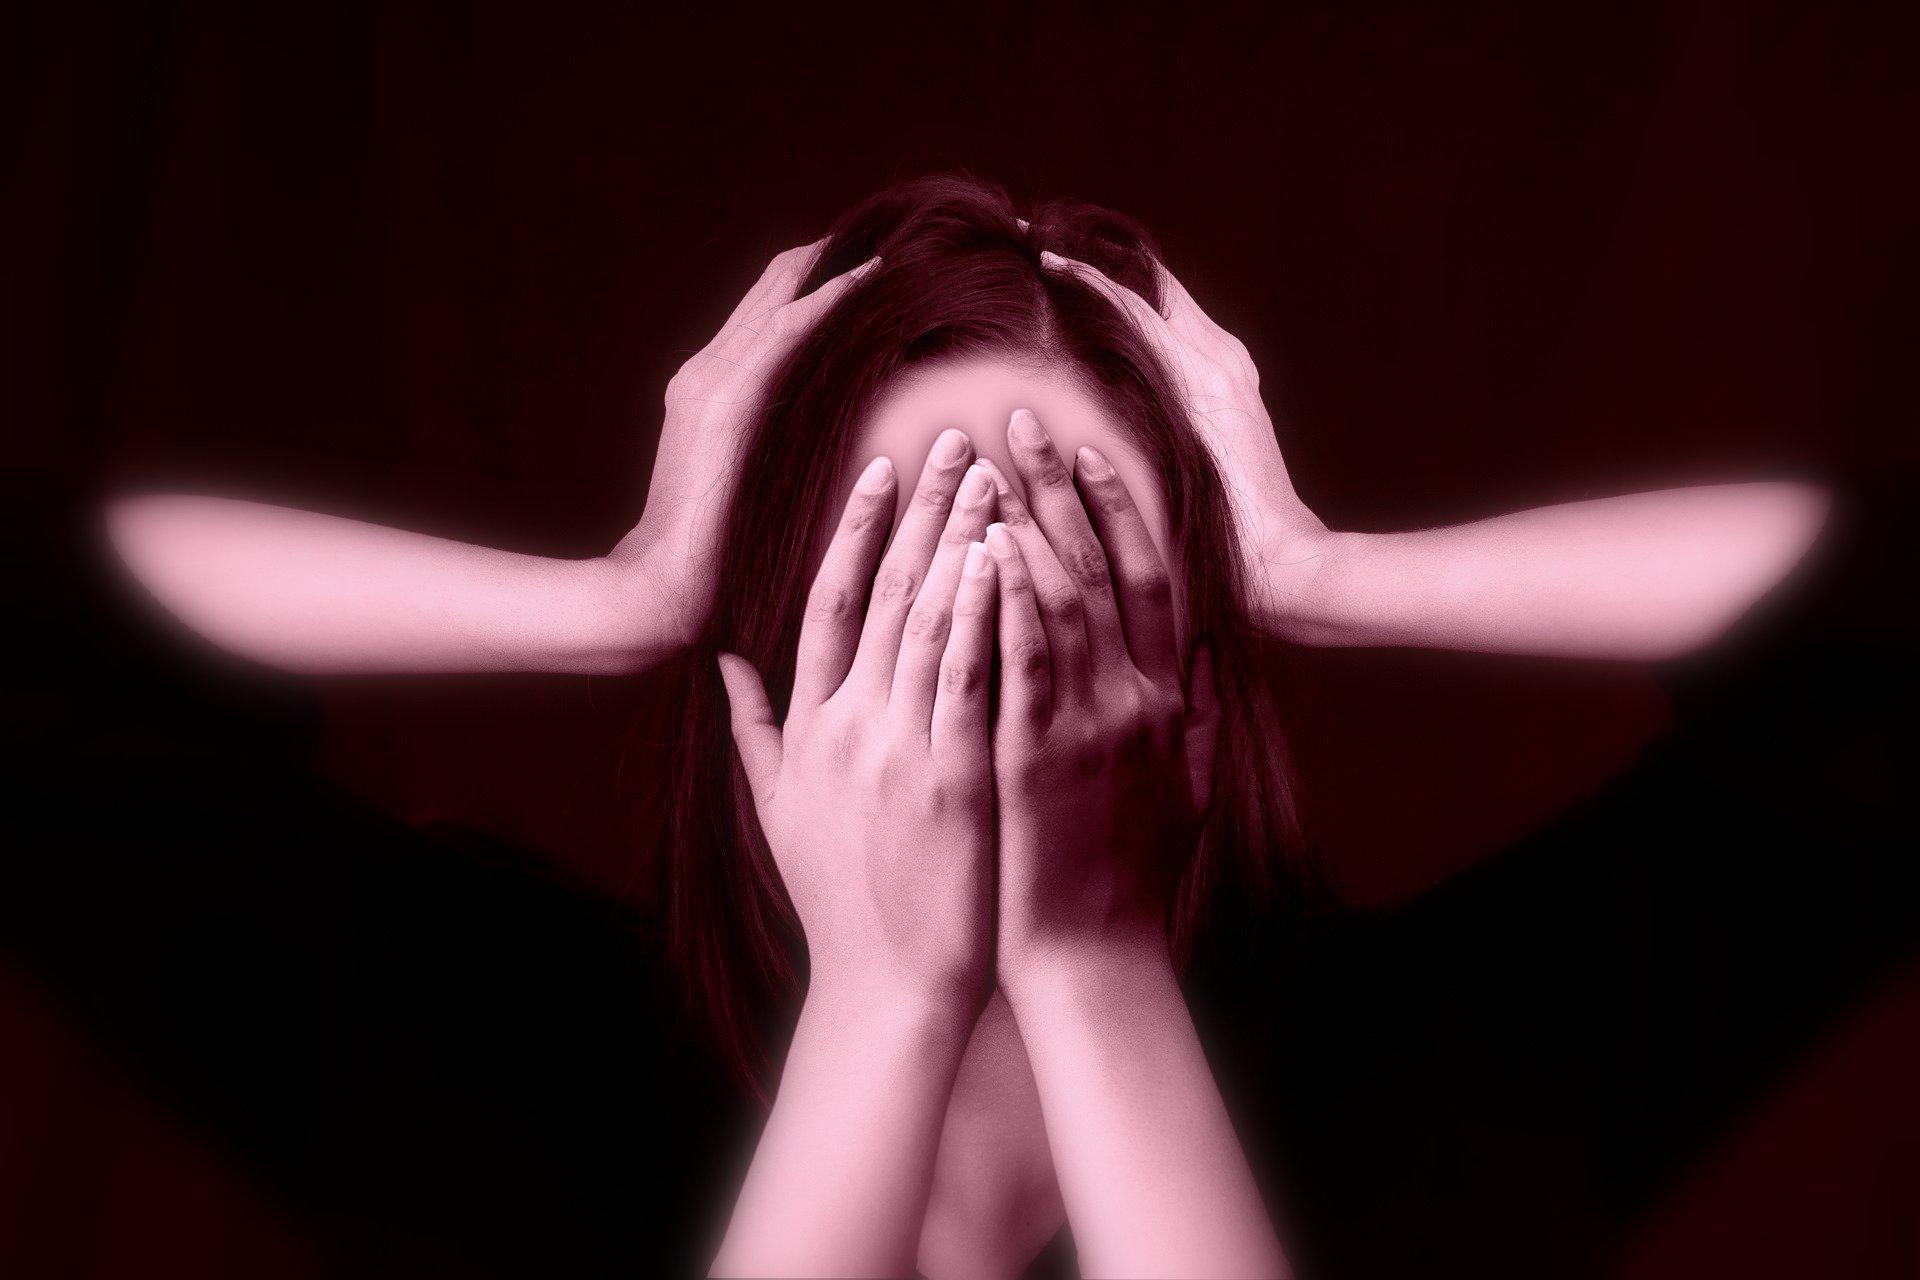 Zdanie Odrębne: Co jest paranoją? - Zdjęcie główne